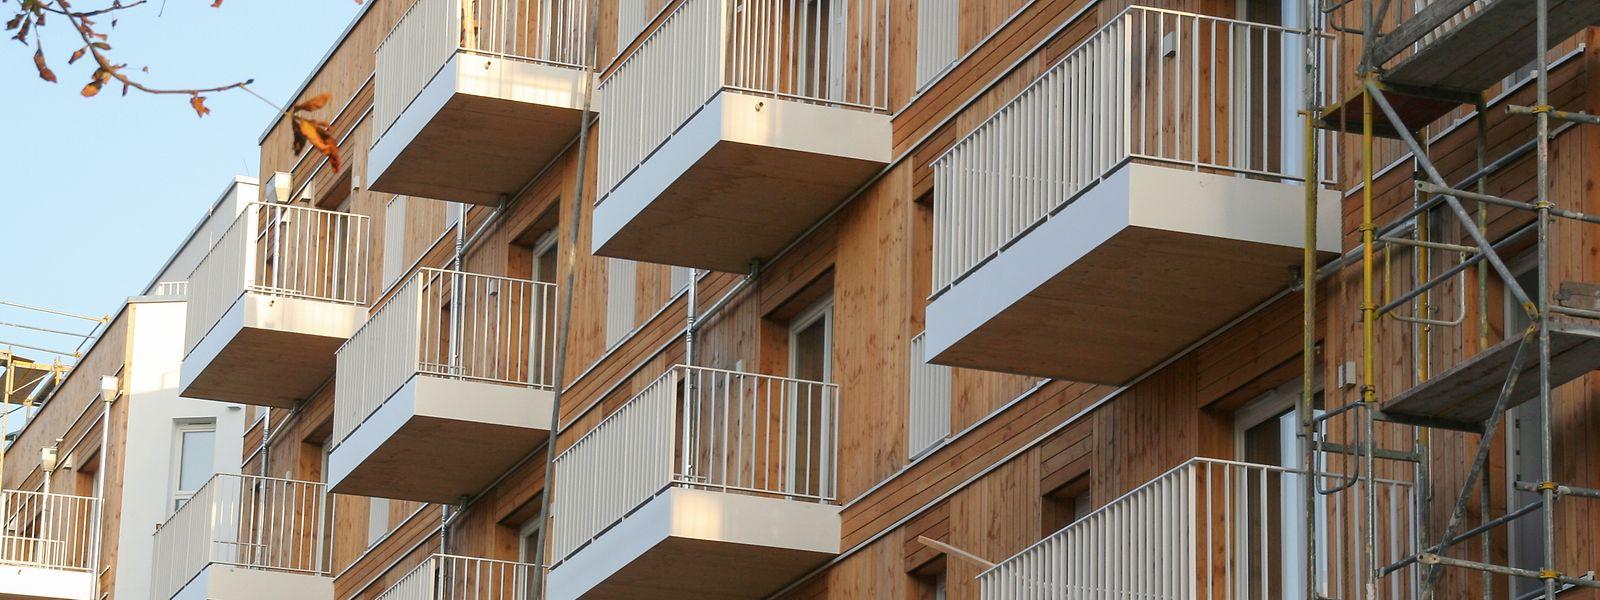 In diesem mehrgeschossigen Bau aus Holz entstehen im Berliner Stadtteil Wedding 98 Wohnungen